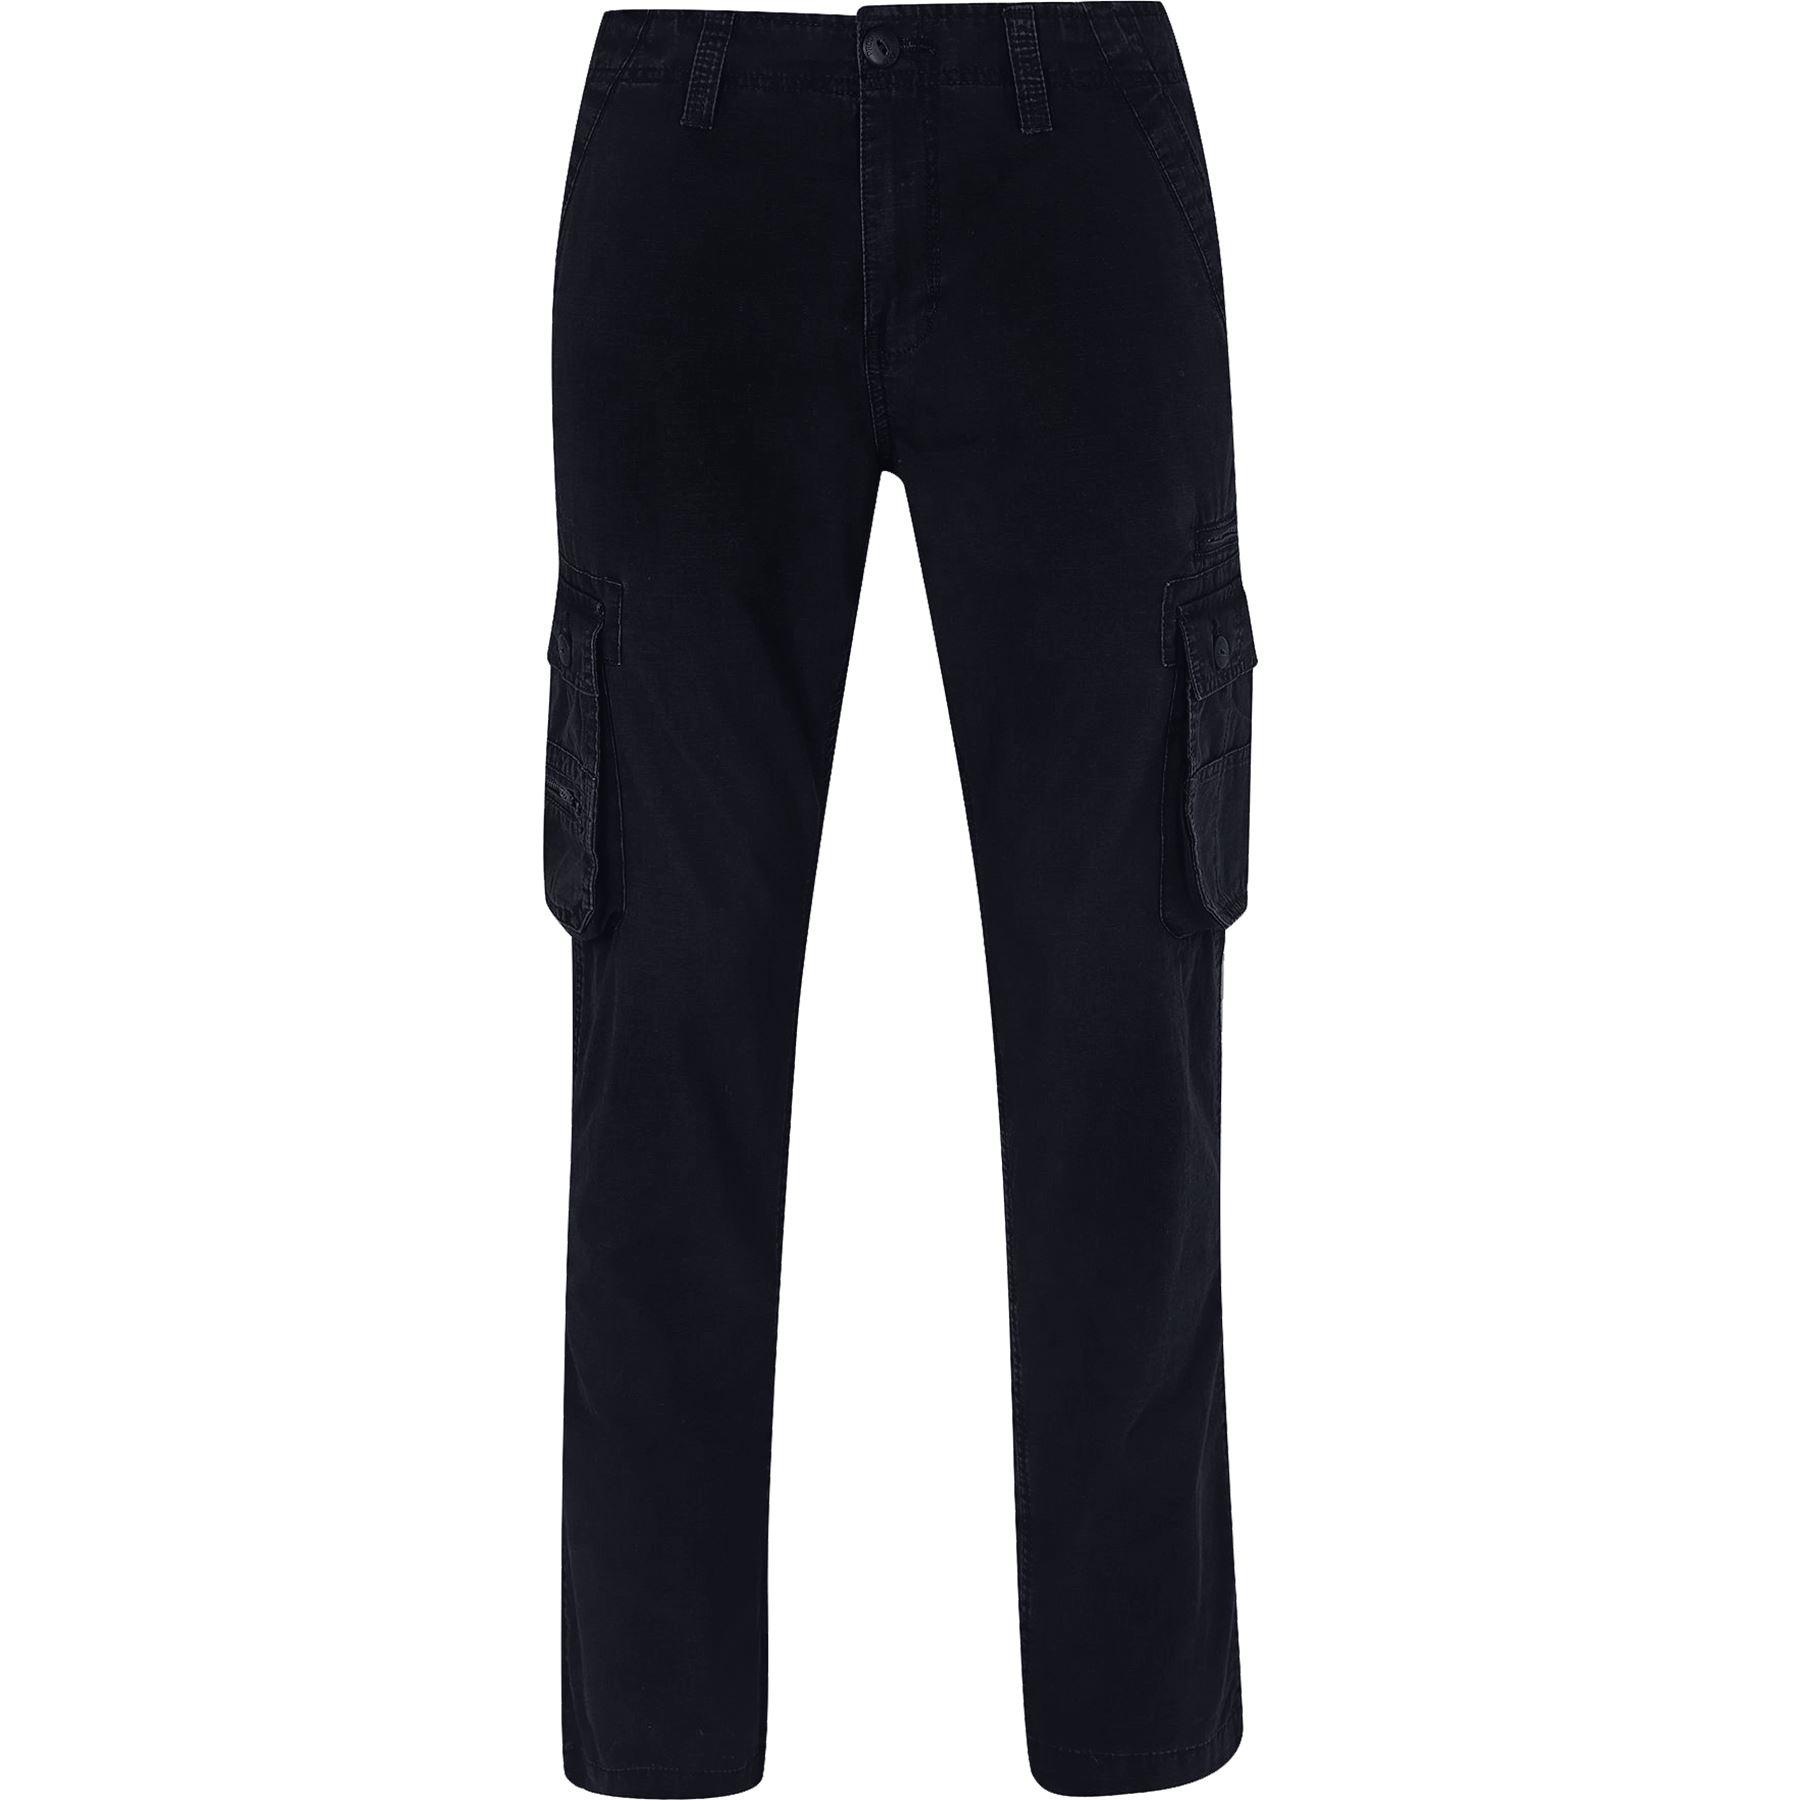 Men-s-Cargo-Combat-Work-Heavy-Trousers-100-Cotton-Plain-Pants-Ex-Store thumbnail 4